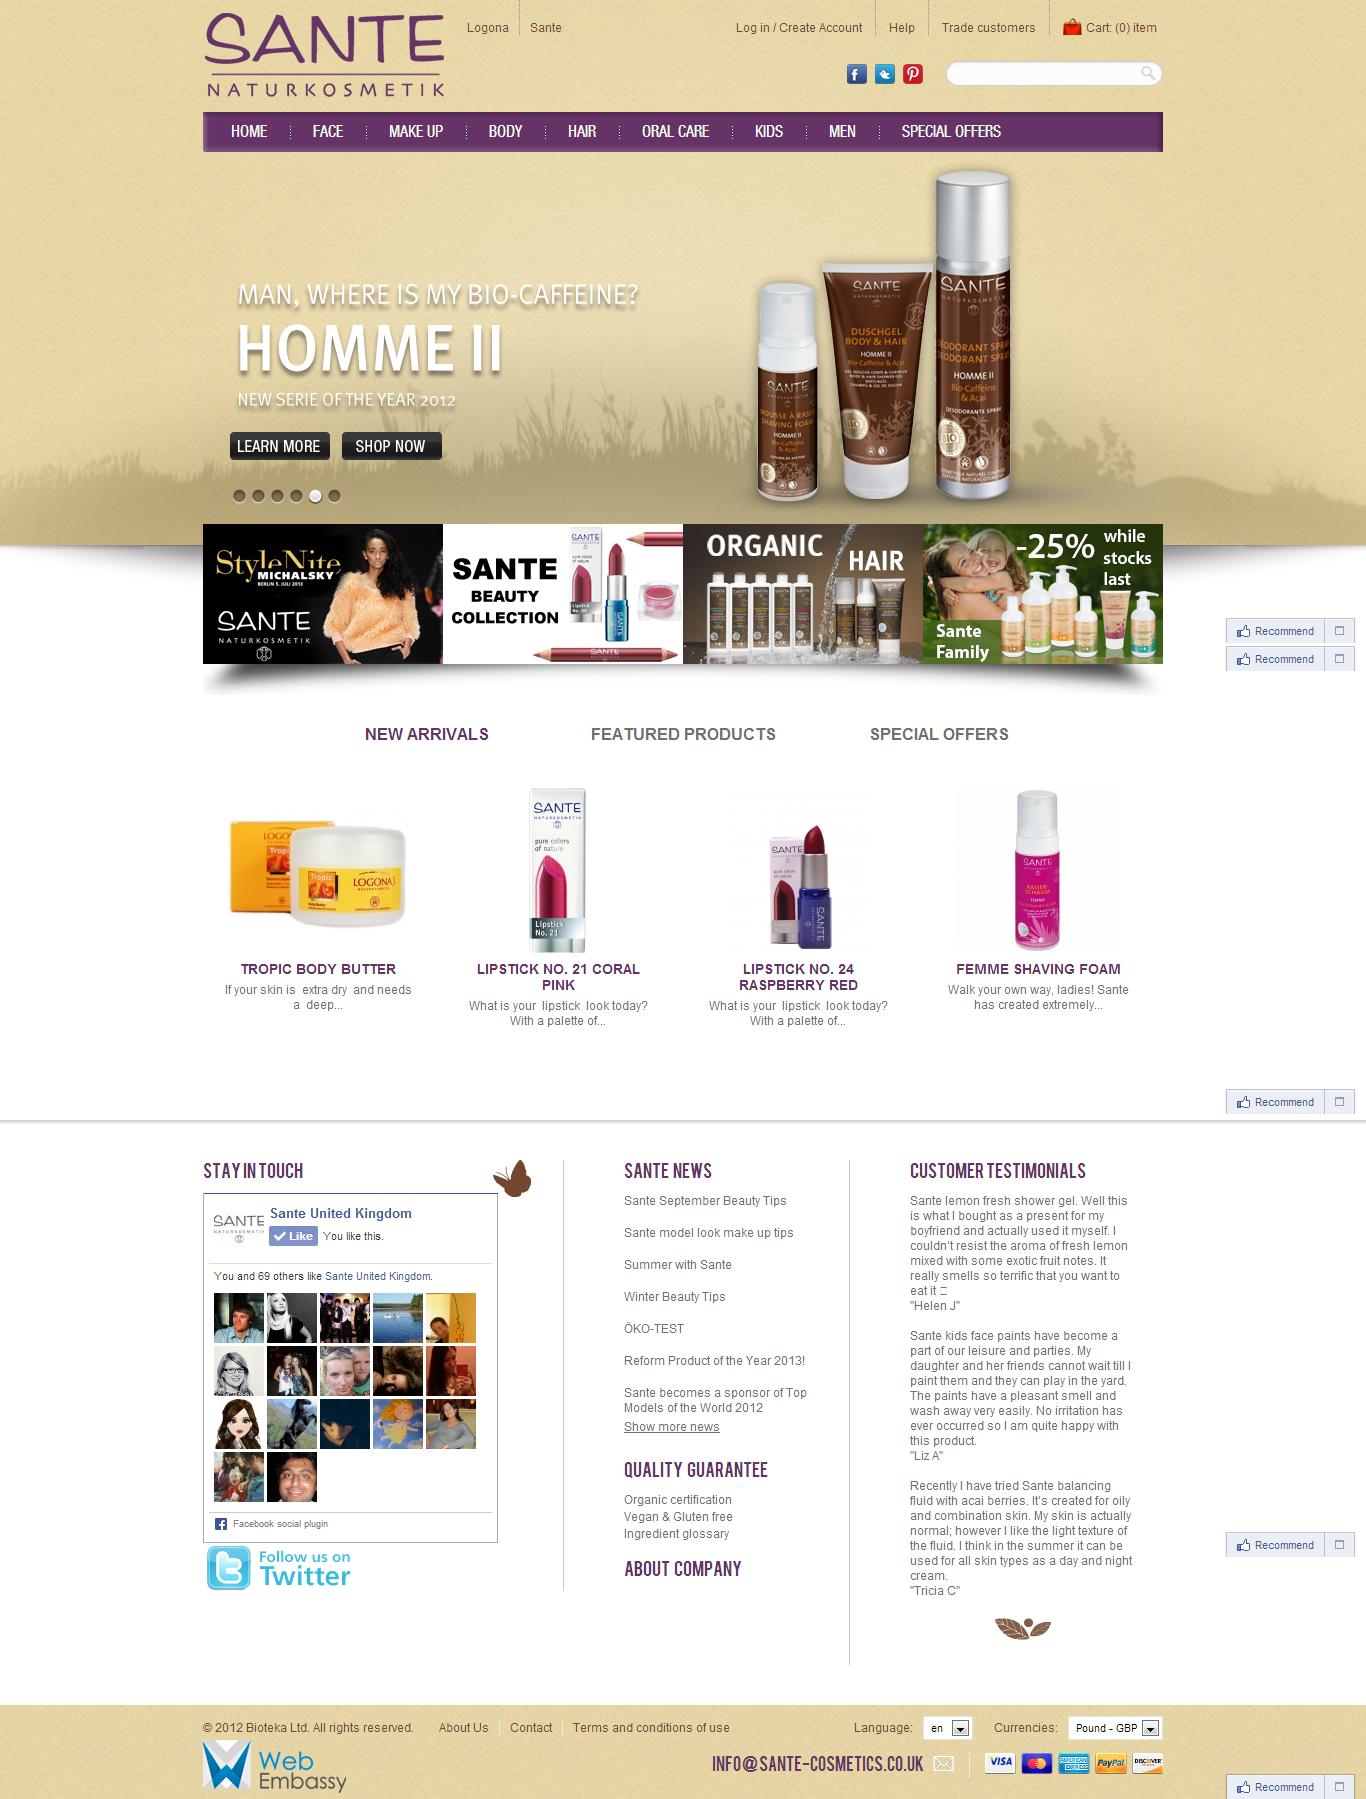 Интернет-магазин косметики Sante. Разработка веб-сайта, веб-дизайна, интеграция платежных систем и складского учета